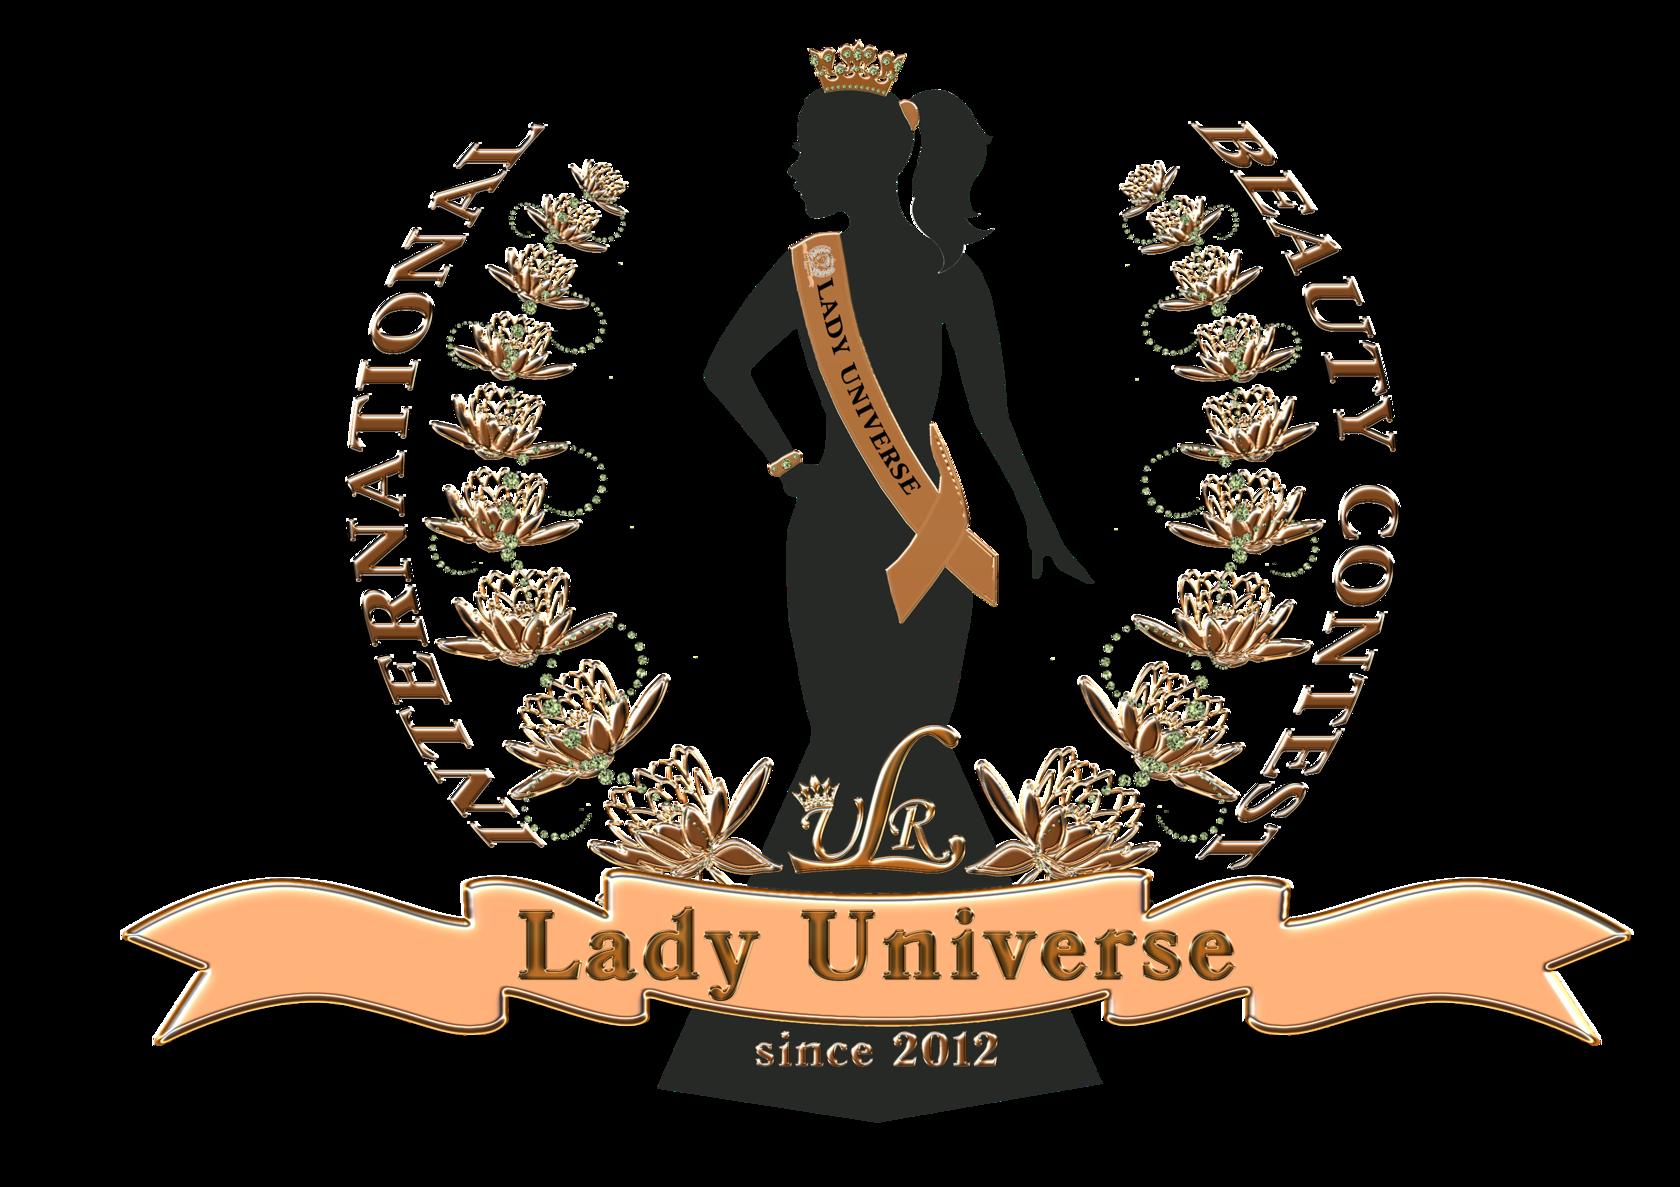 Lady Russia Lady Universe